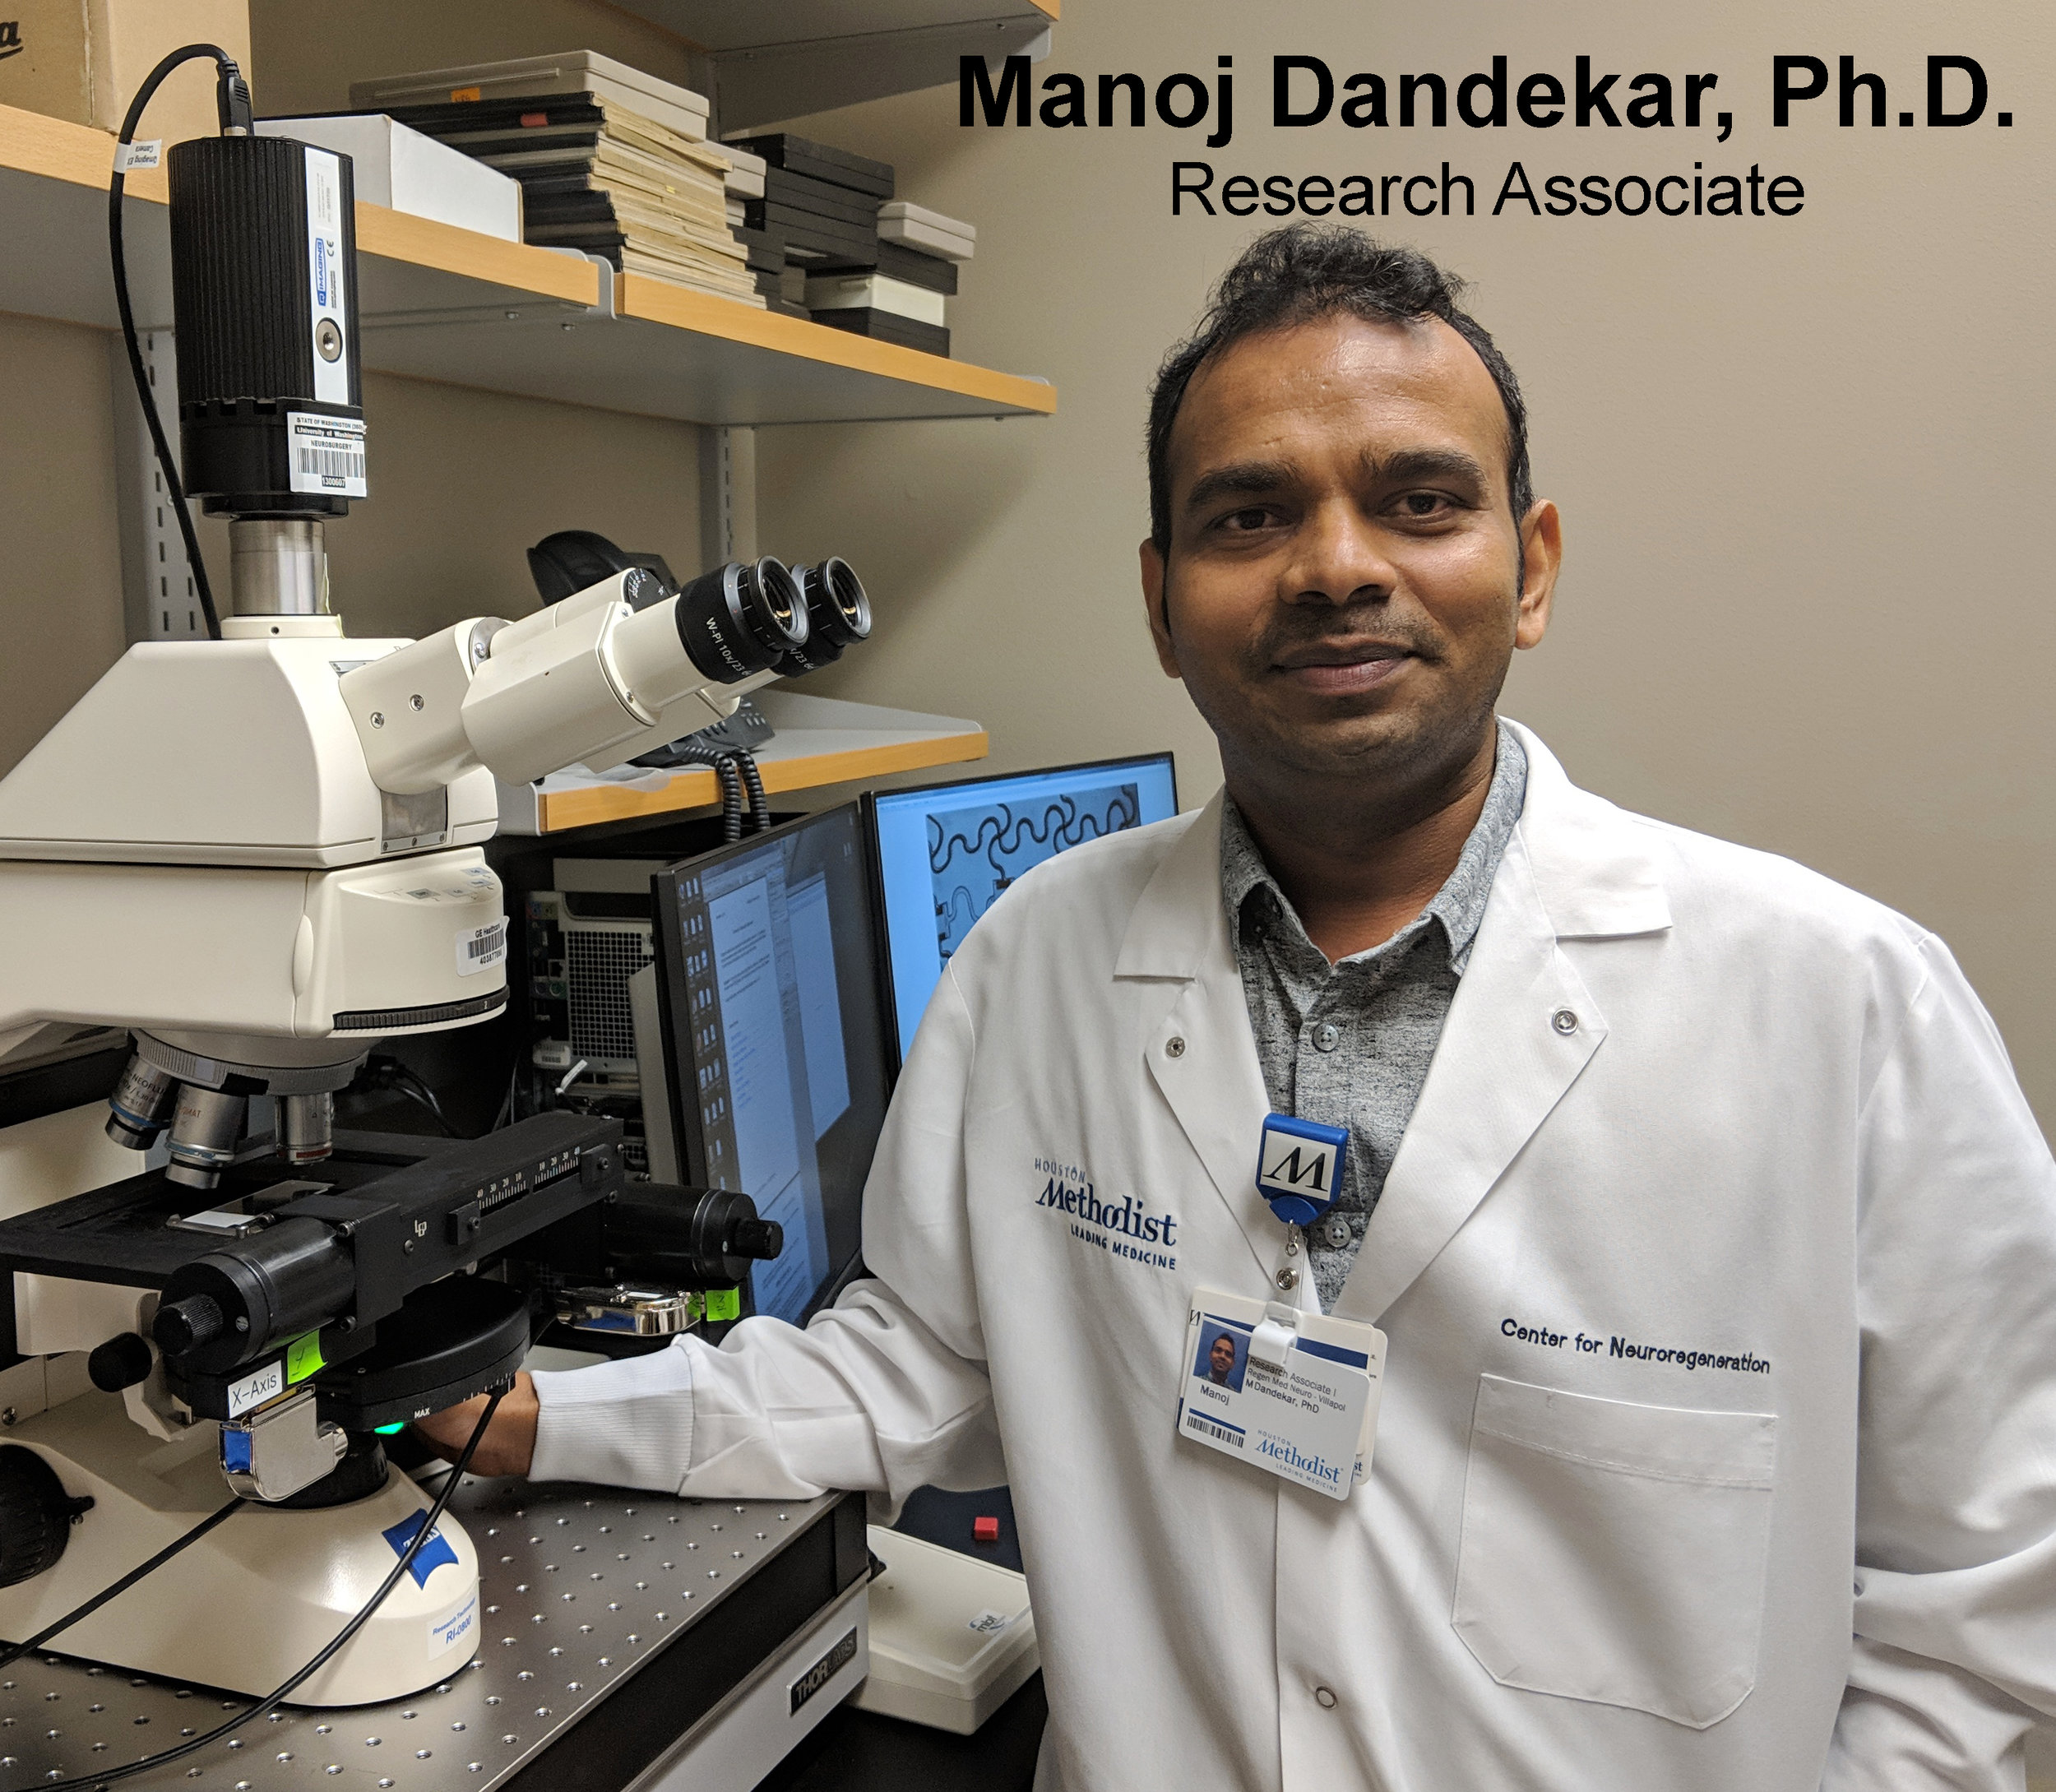 Manoj Dandekar, Ph.D. -